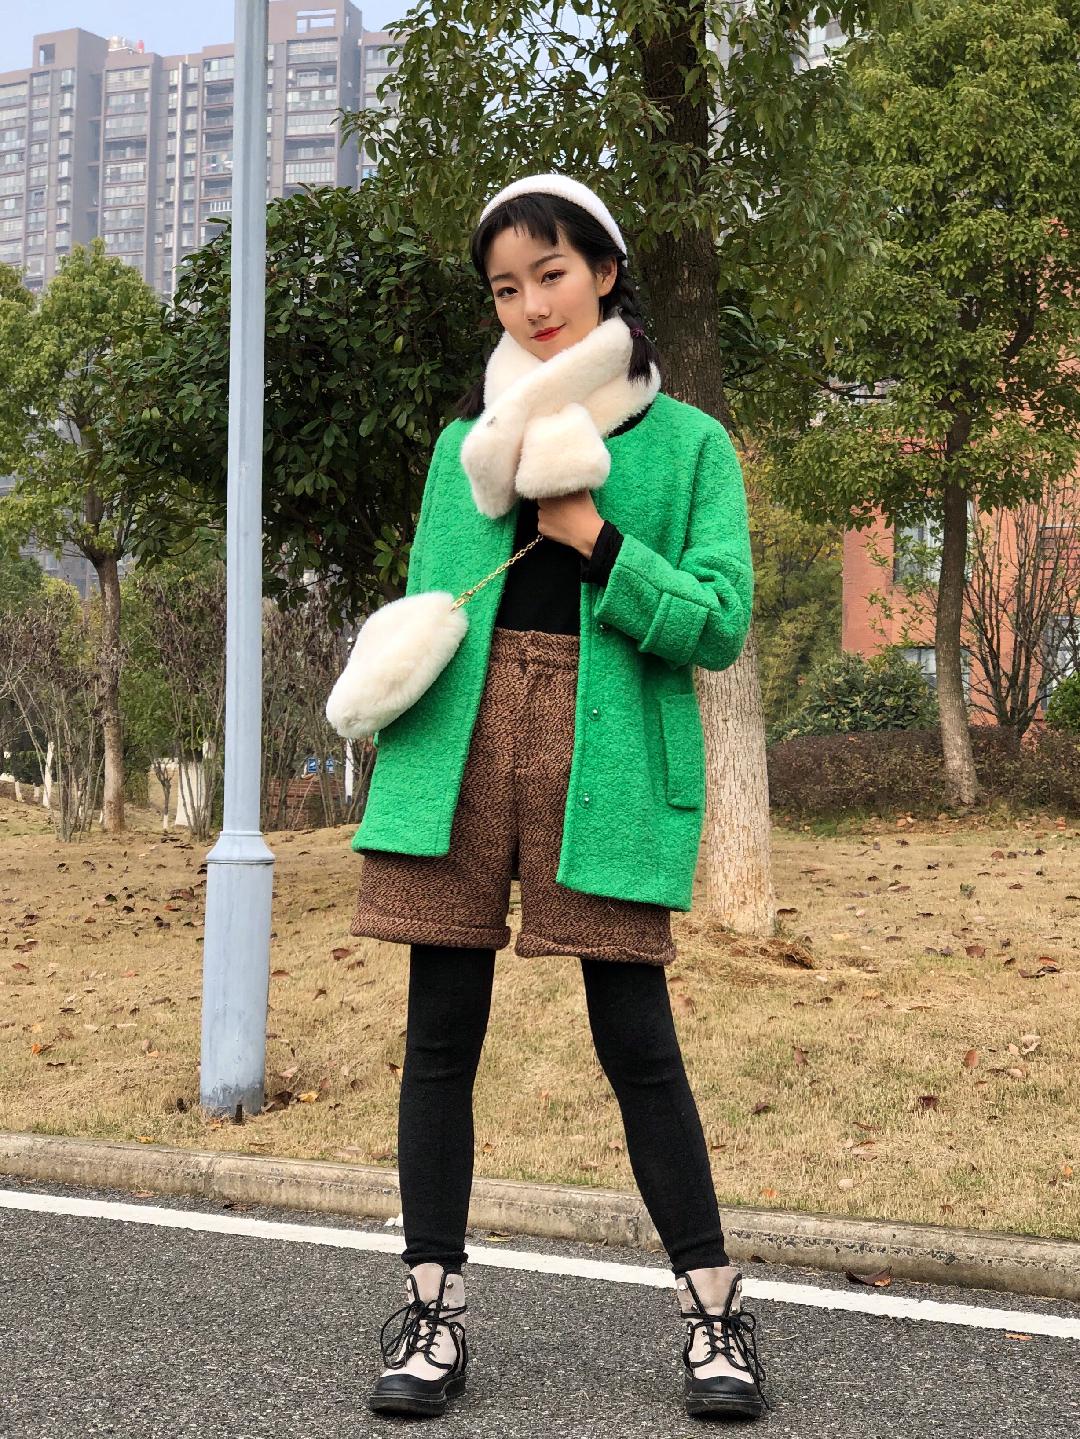 Vol.198#想要生活过得去,搭配必须带点绿# 绿色绿色绿色大衣来啦哈哈哈哈~ 比想象中好搭配很多哦是那种很清脆的绿色 搭配白色毛毛围巾以及棕花色毛线裤都很有层次感哦~